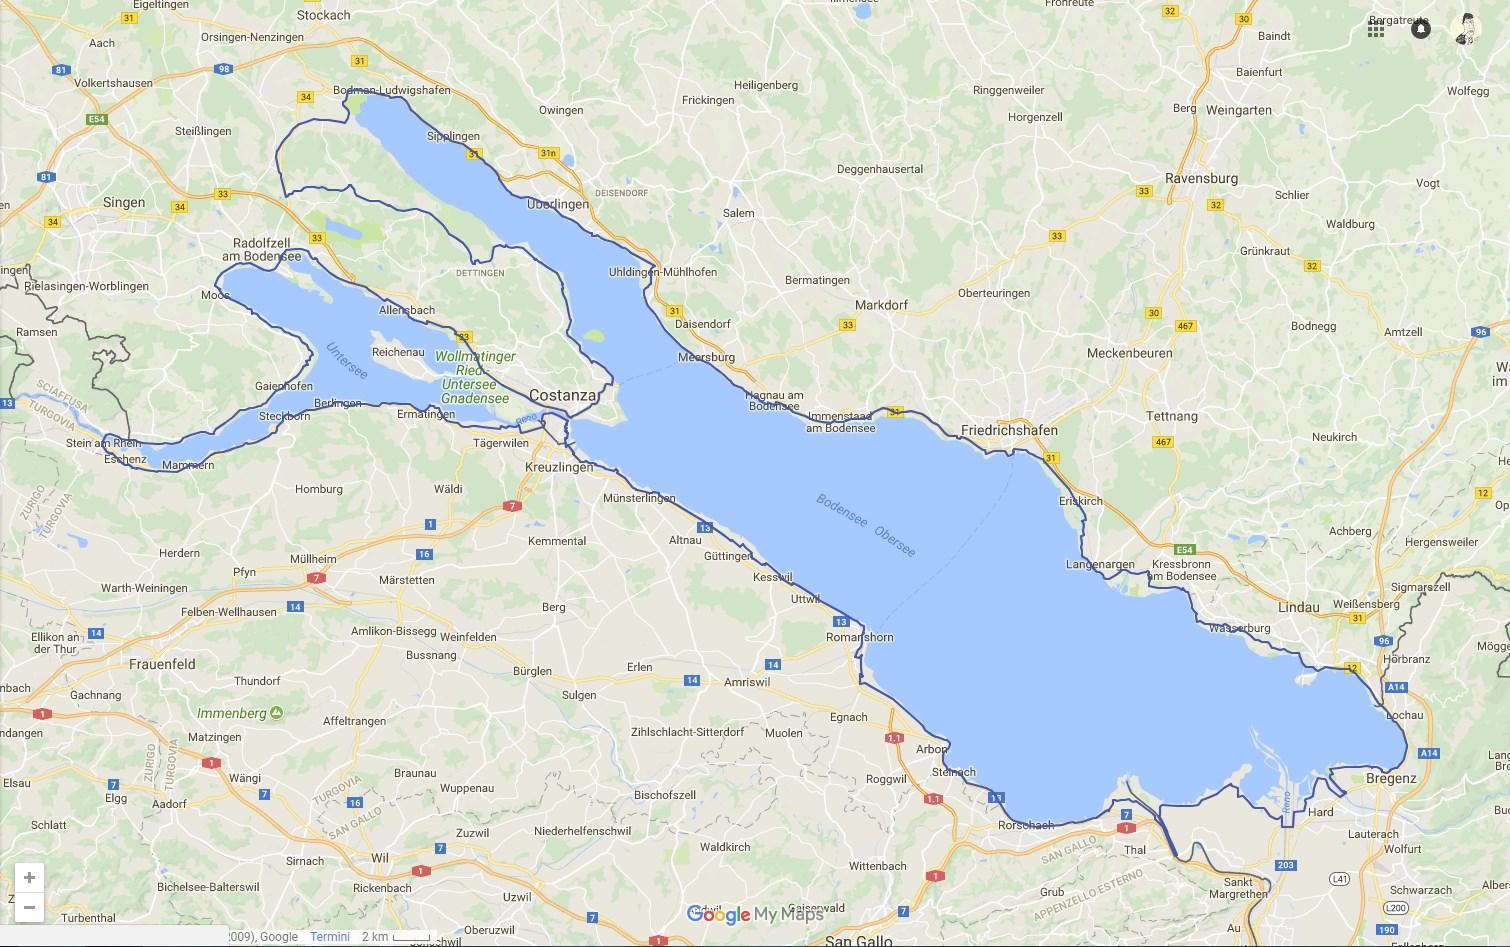 Lago Di Costanza Germania Cartina.Il Lago Di Costanza In Bicicletta Giorno 1 Partenza Da Costanza Nicola Pfund